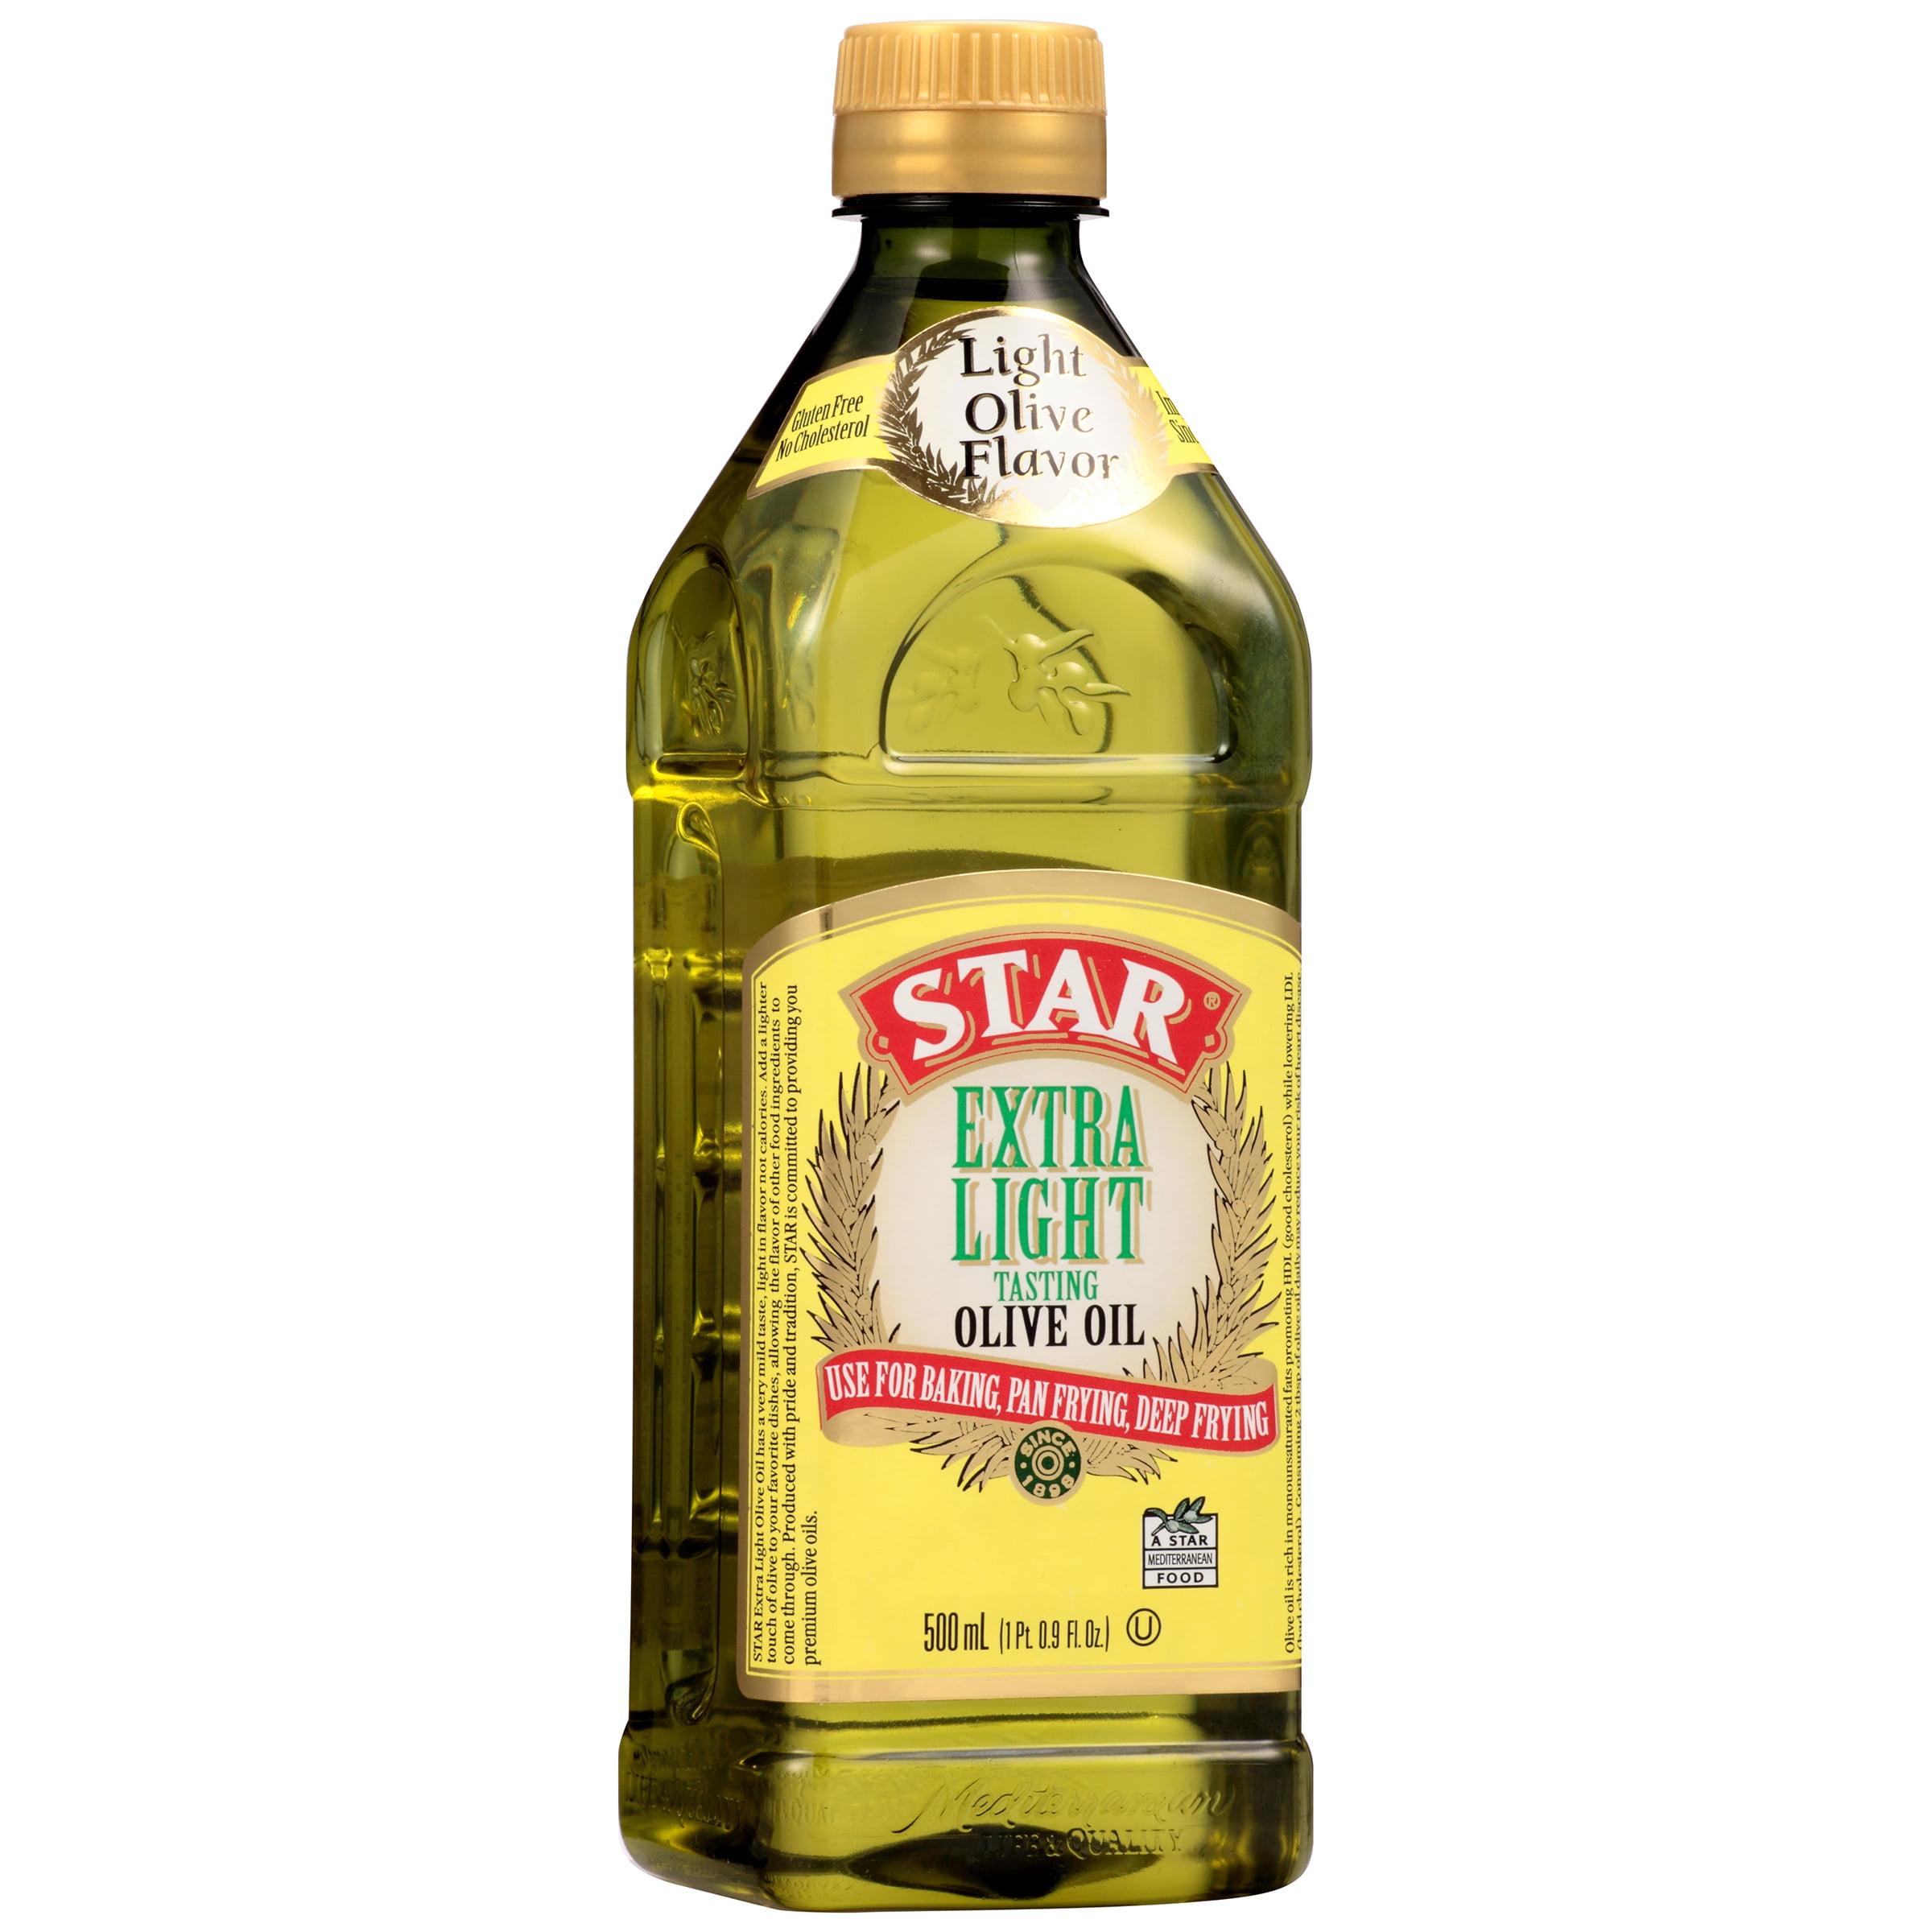 Star® Extra Light Tasting Olive Oil 16.9 fl. oz. Bottle